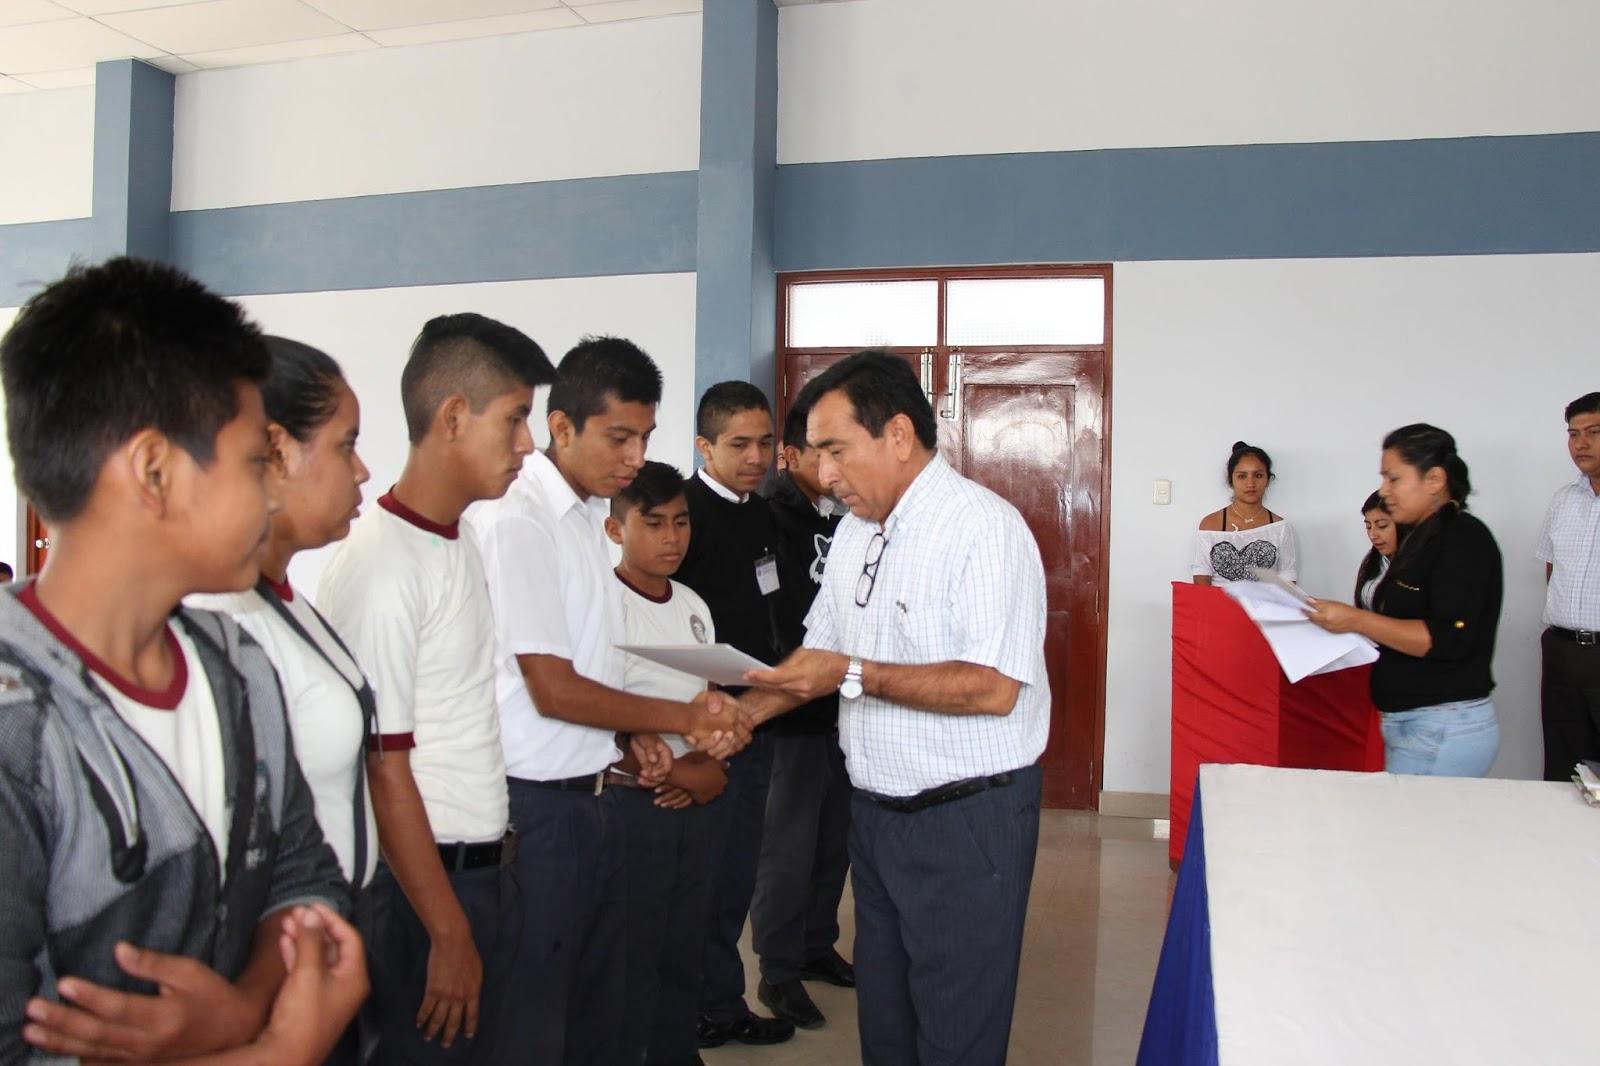 Alcalde Nelson Mio Reyes Juramenta Del Consejo Consultivo